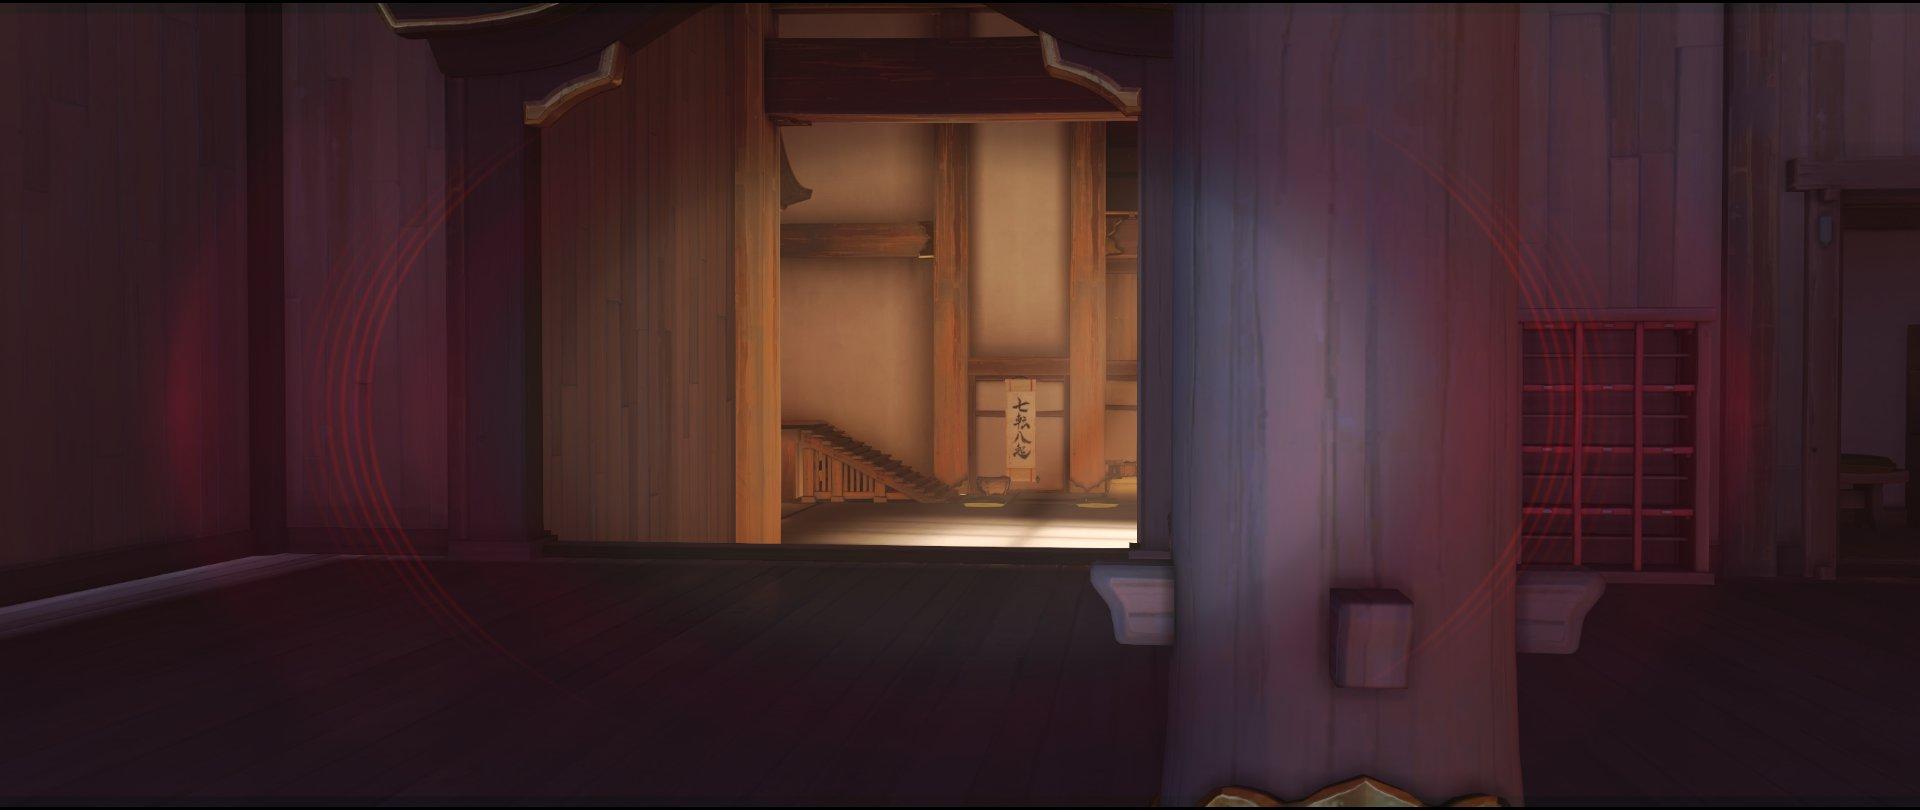 Porch first view attack Widowmaker sniping spot Hanamura Overwatch.jpg